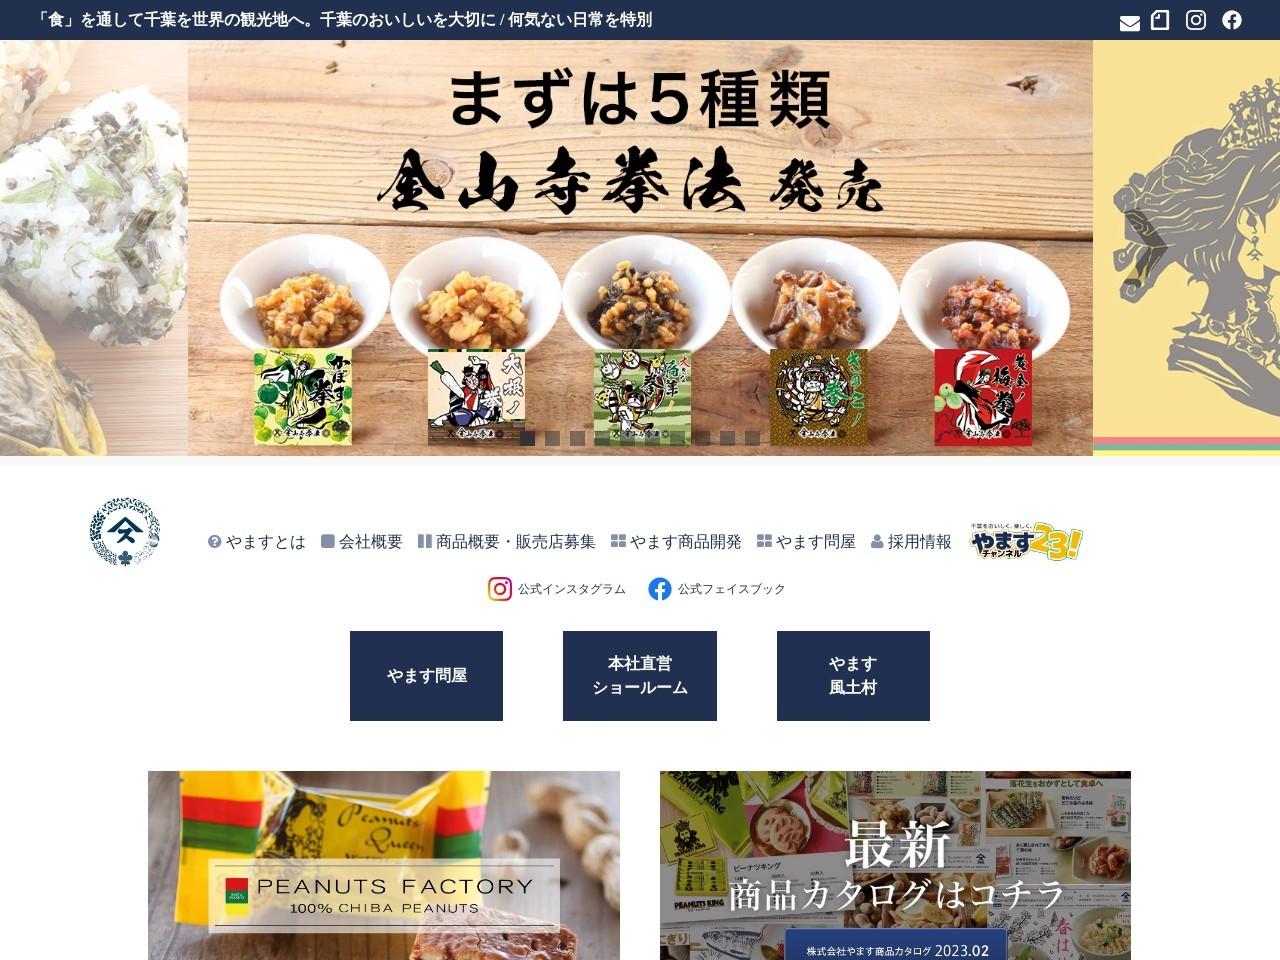 千葉県観光で「食」のお土産なら株式会社やます(旧:諏訪商店)